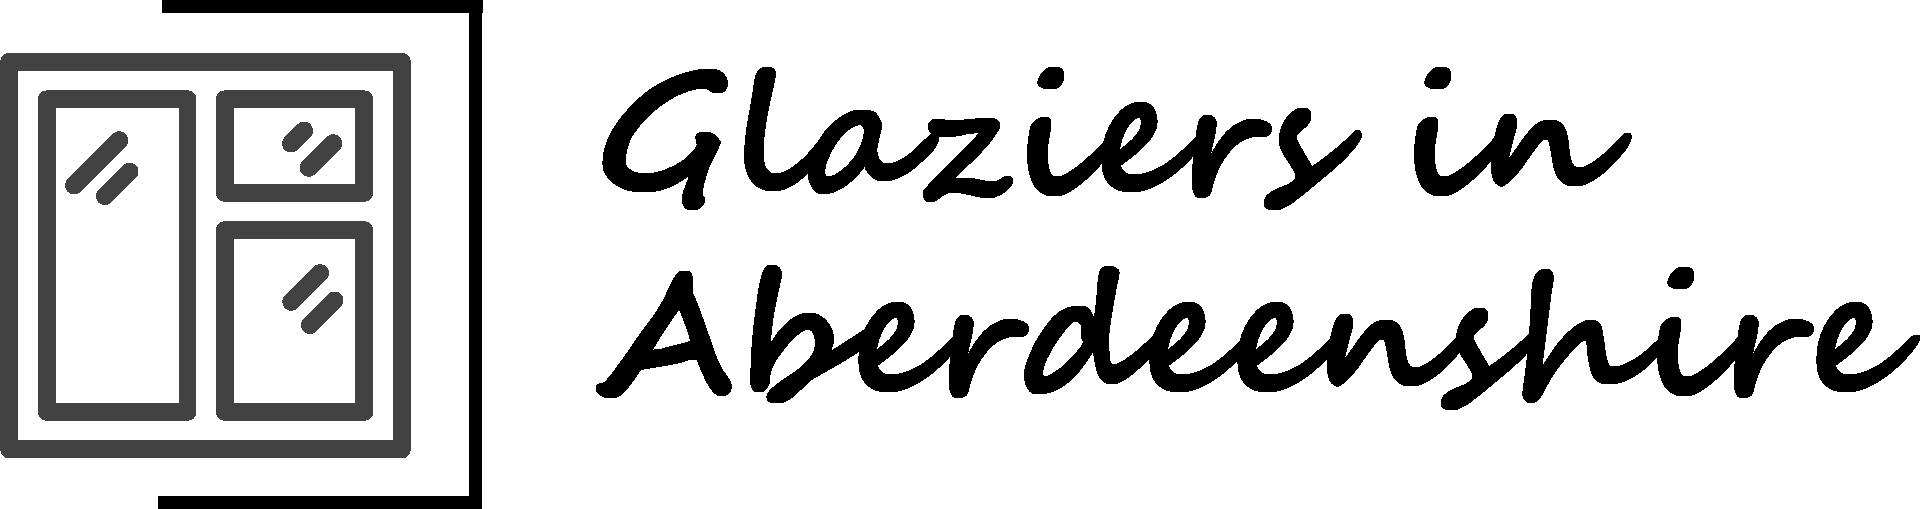 Glazier in Aberdeenshire